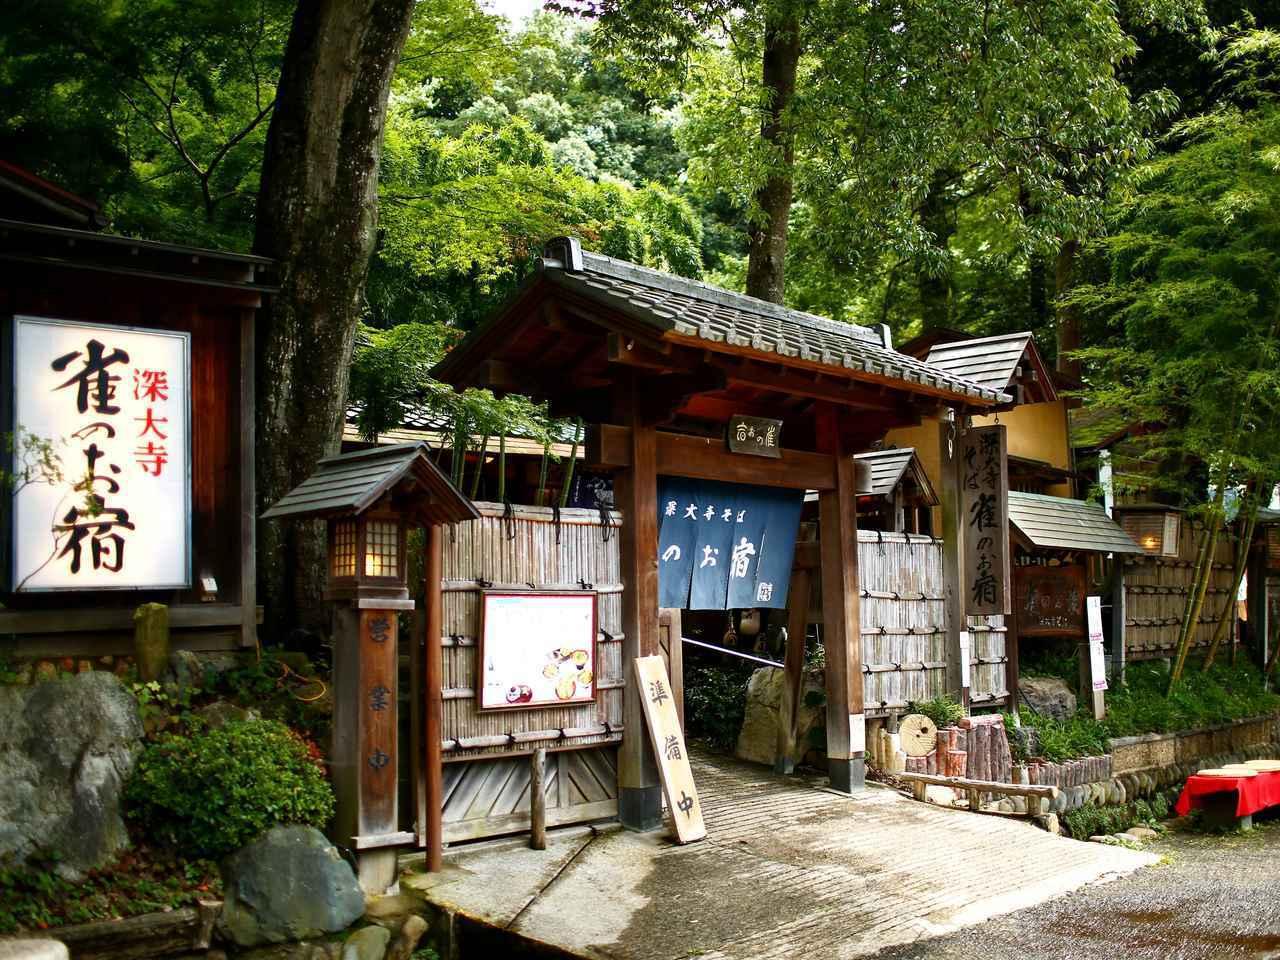 画像: [雀のお宿] 深大寺を代表する名店。武家屋敷のような門が目印